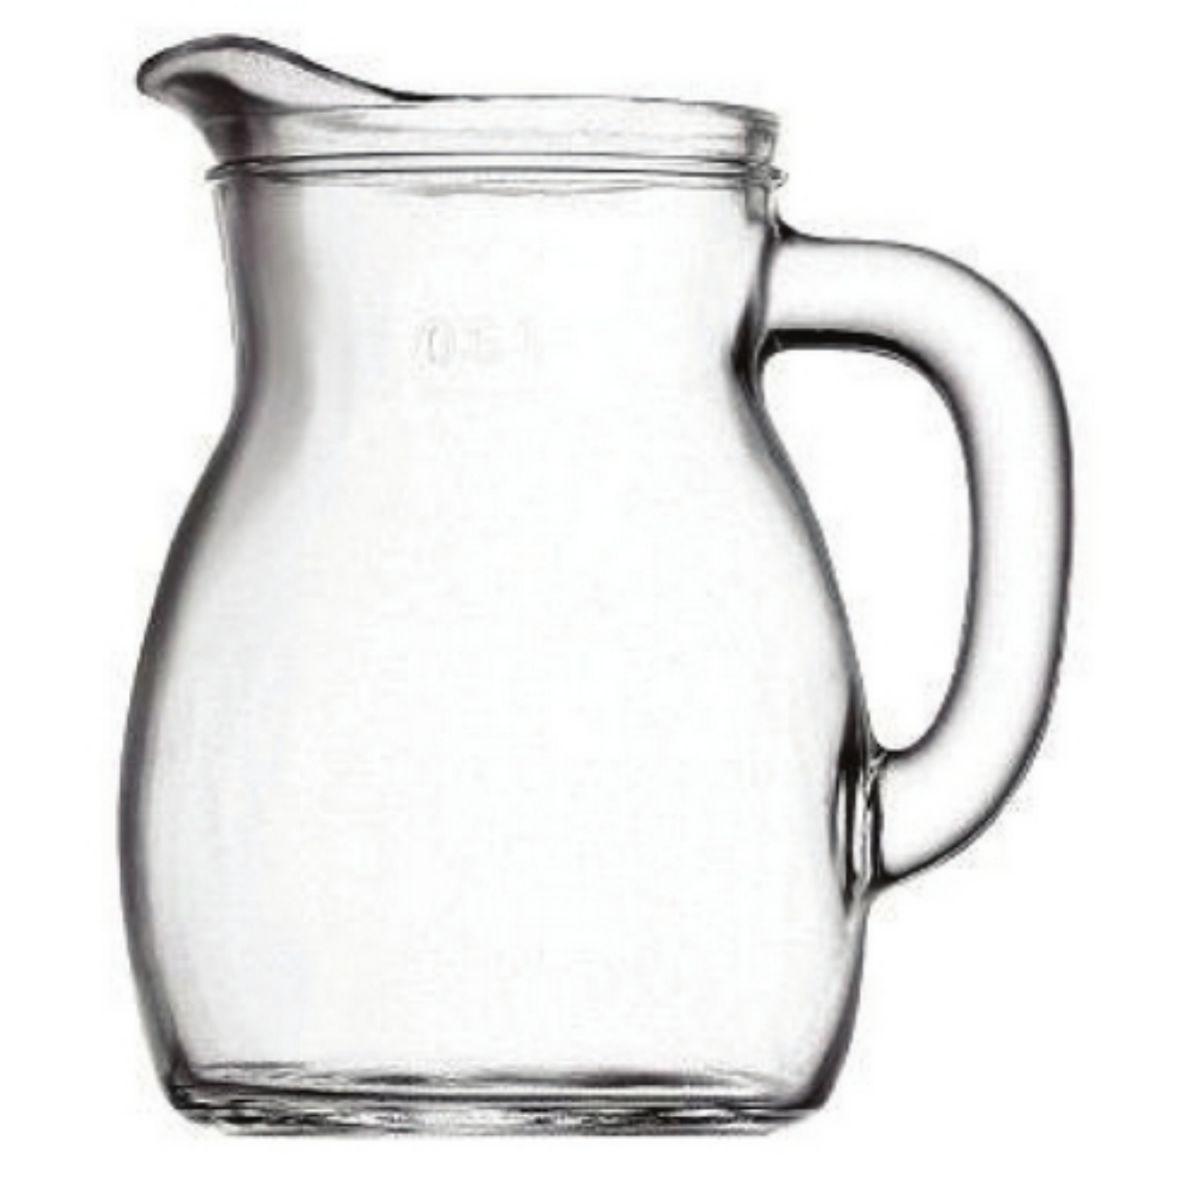 Bormioli Rocco | skleněný džbánek, Bistrot 61 cl